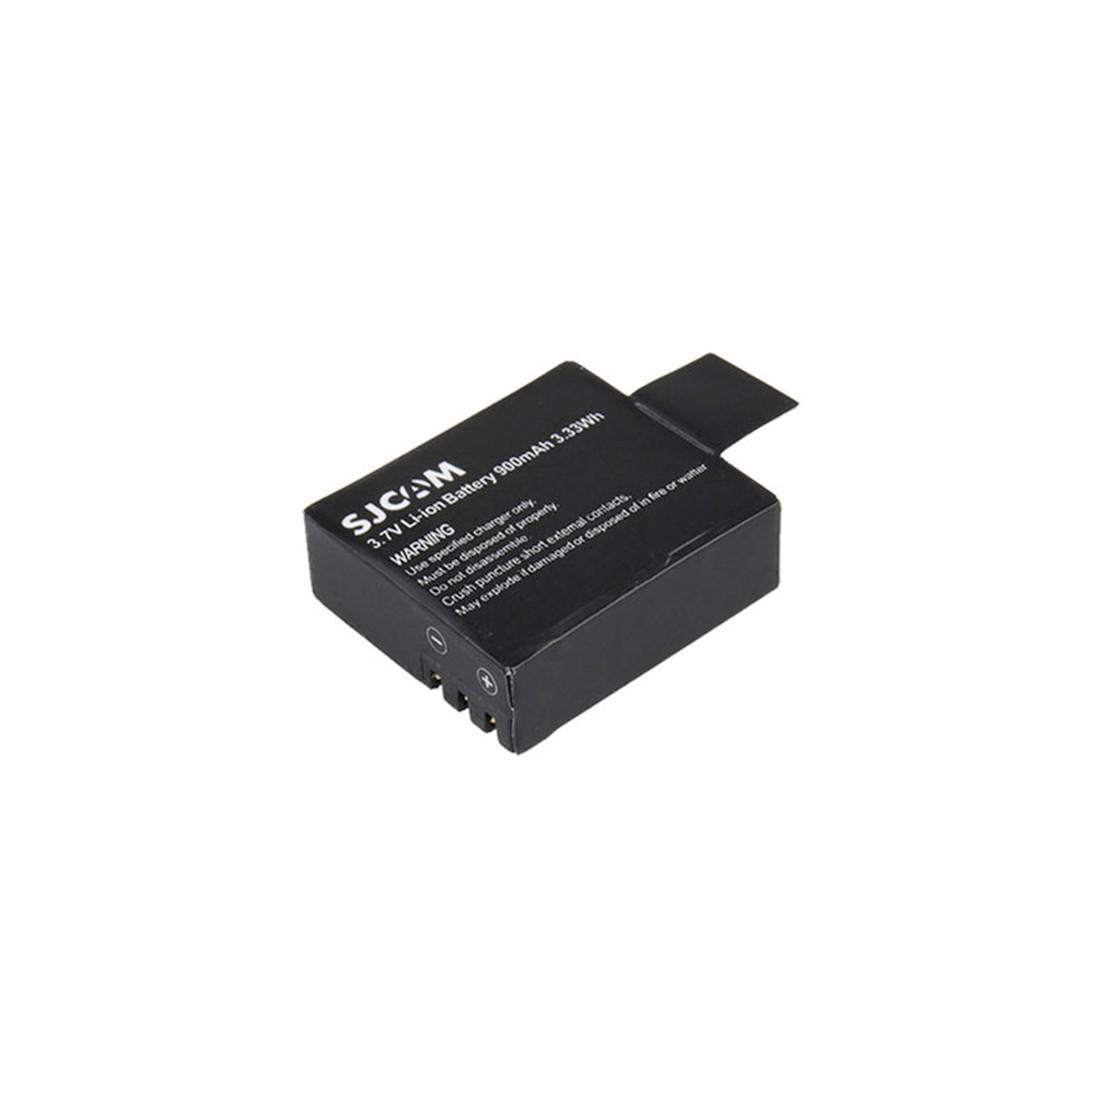 Аккумулятор SJCAM SJ200 для экшн-камер SJ4000 или SJ4000wifi (Black)